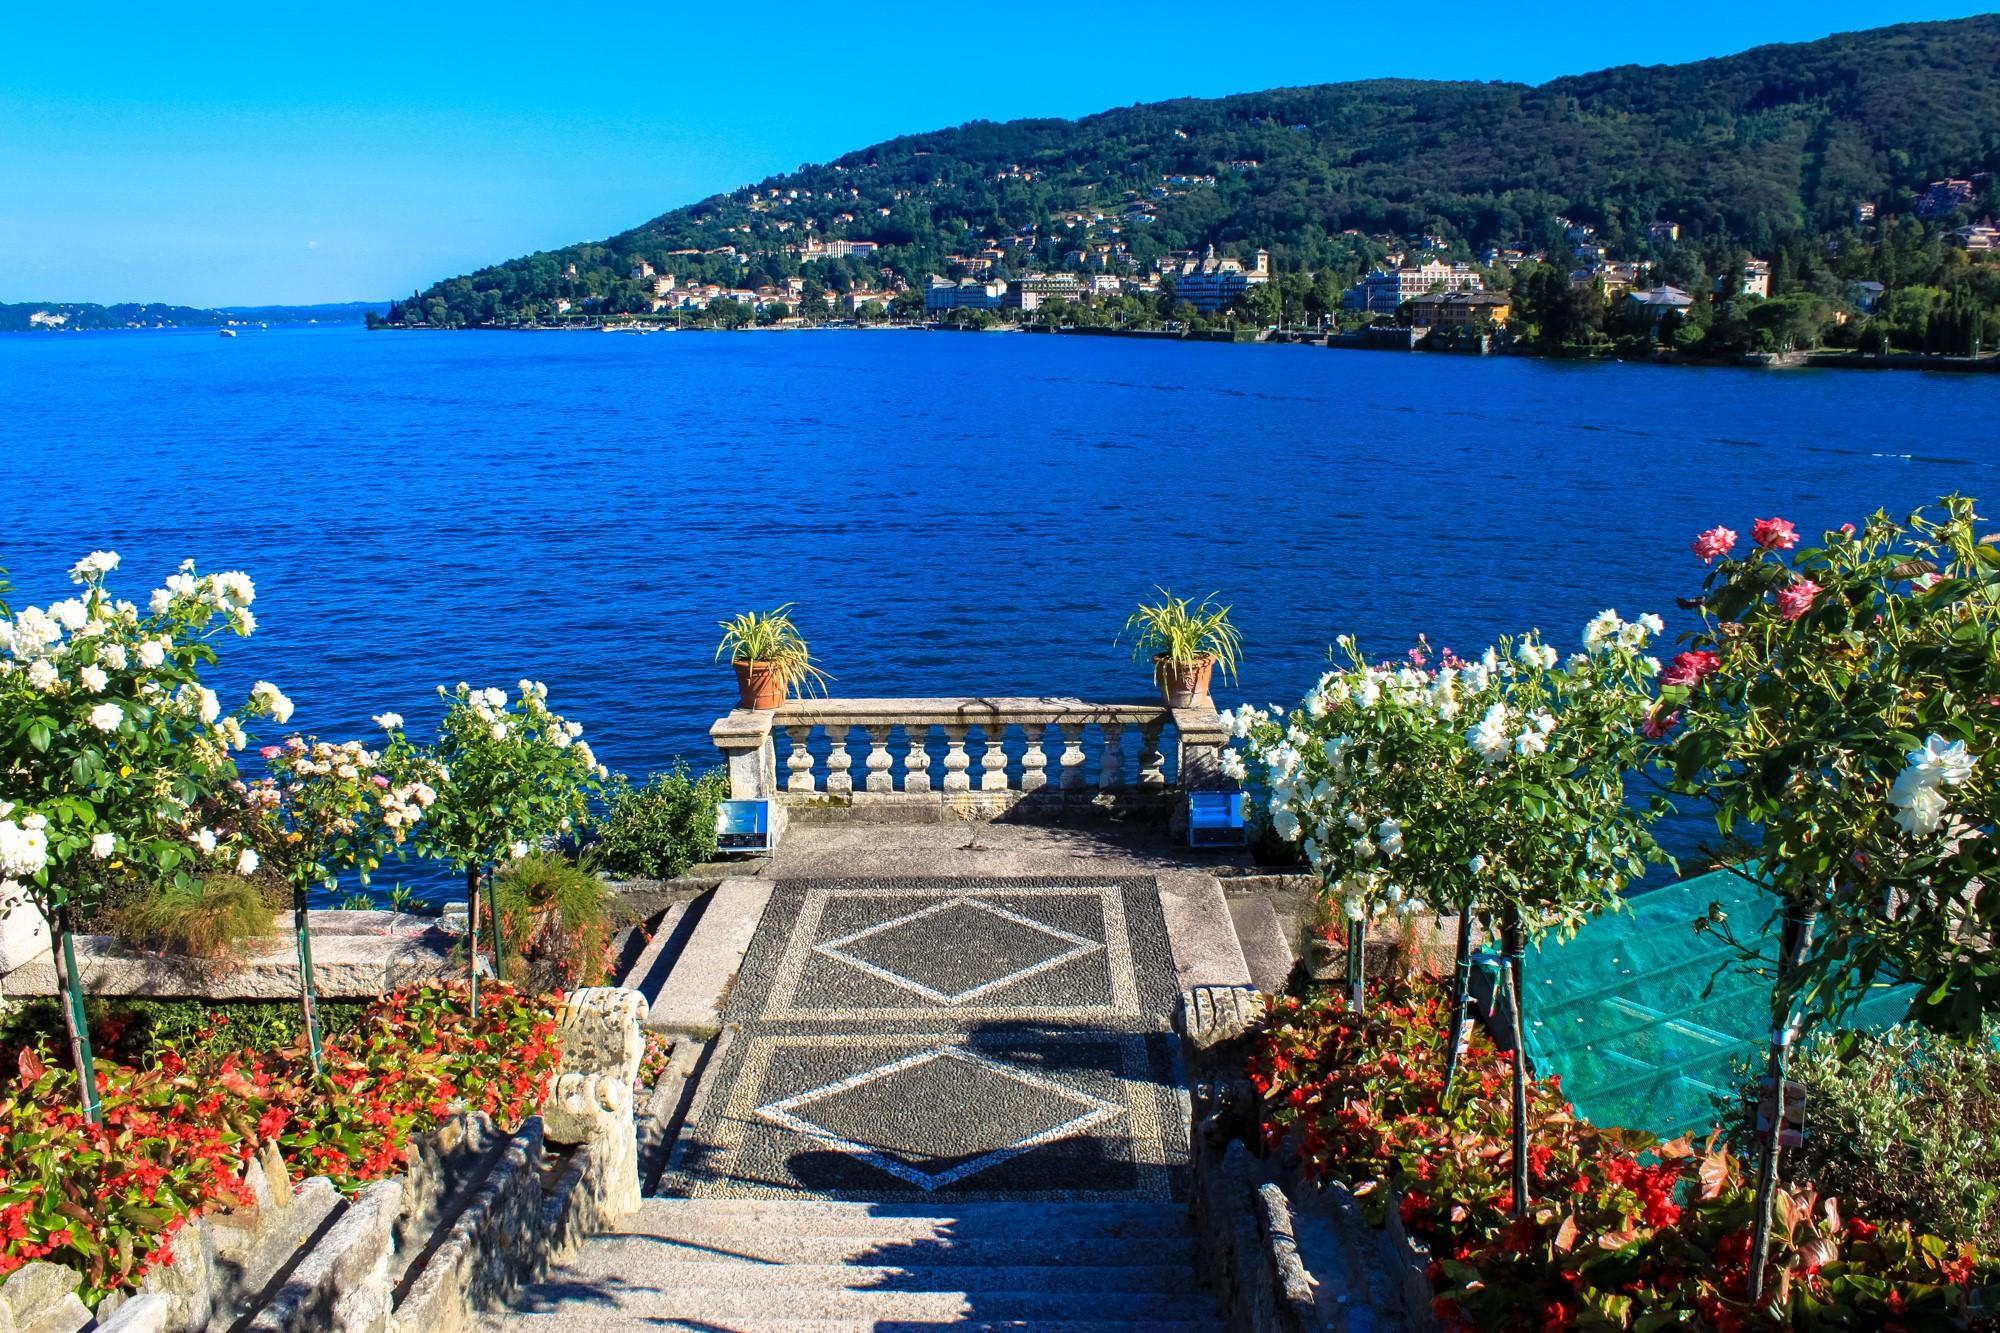 Maggiore (Isola Bella Image)